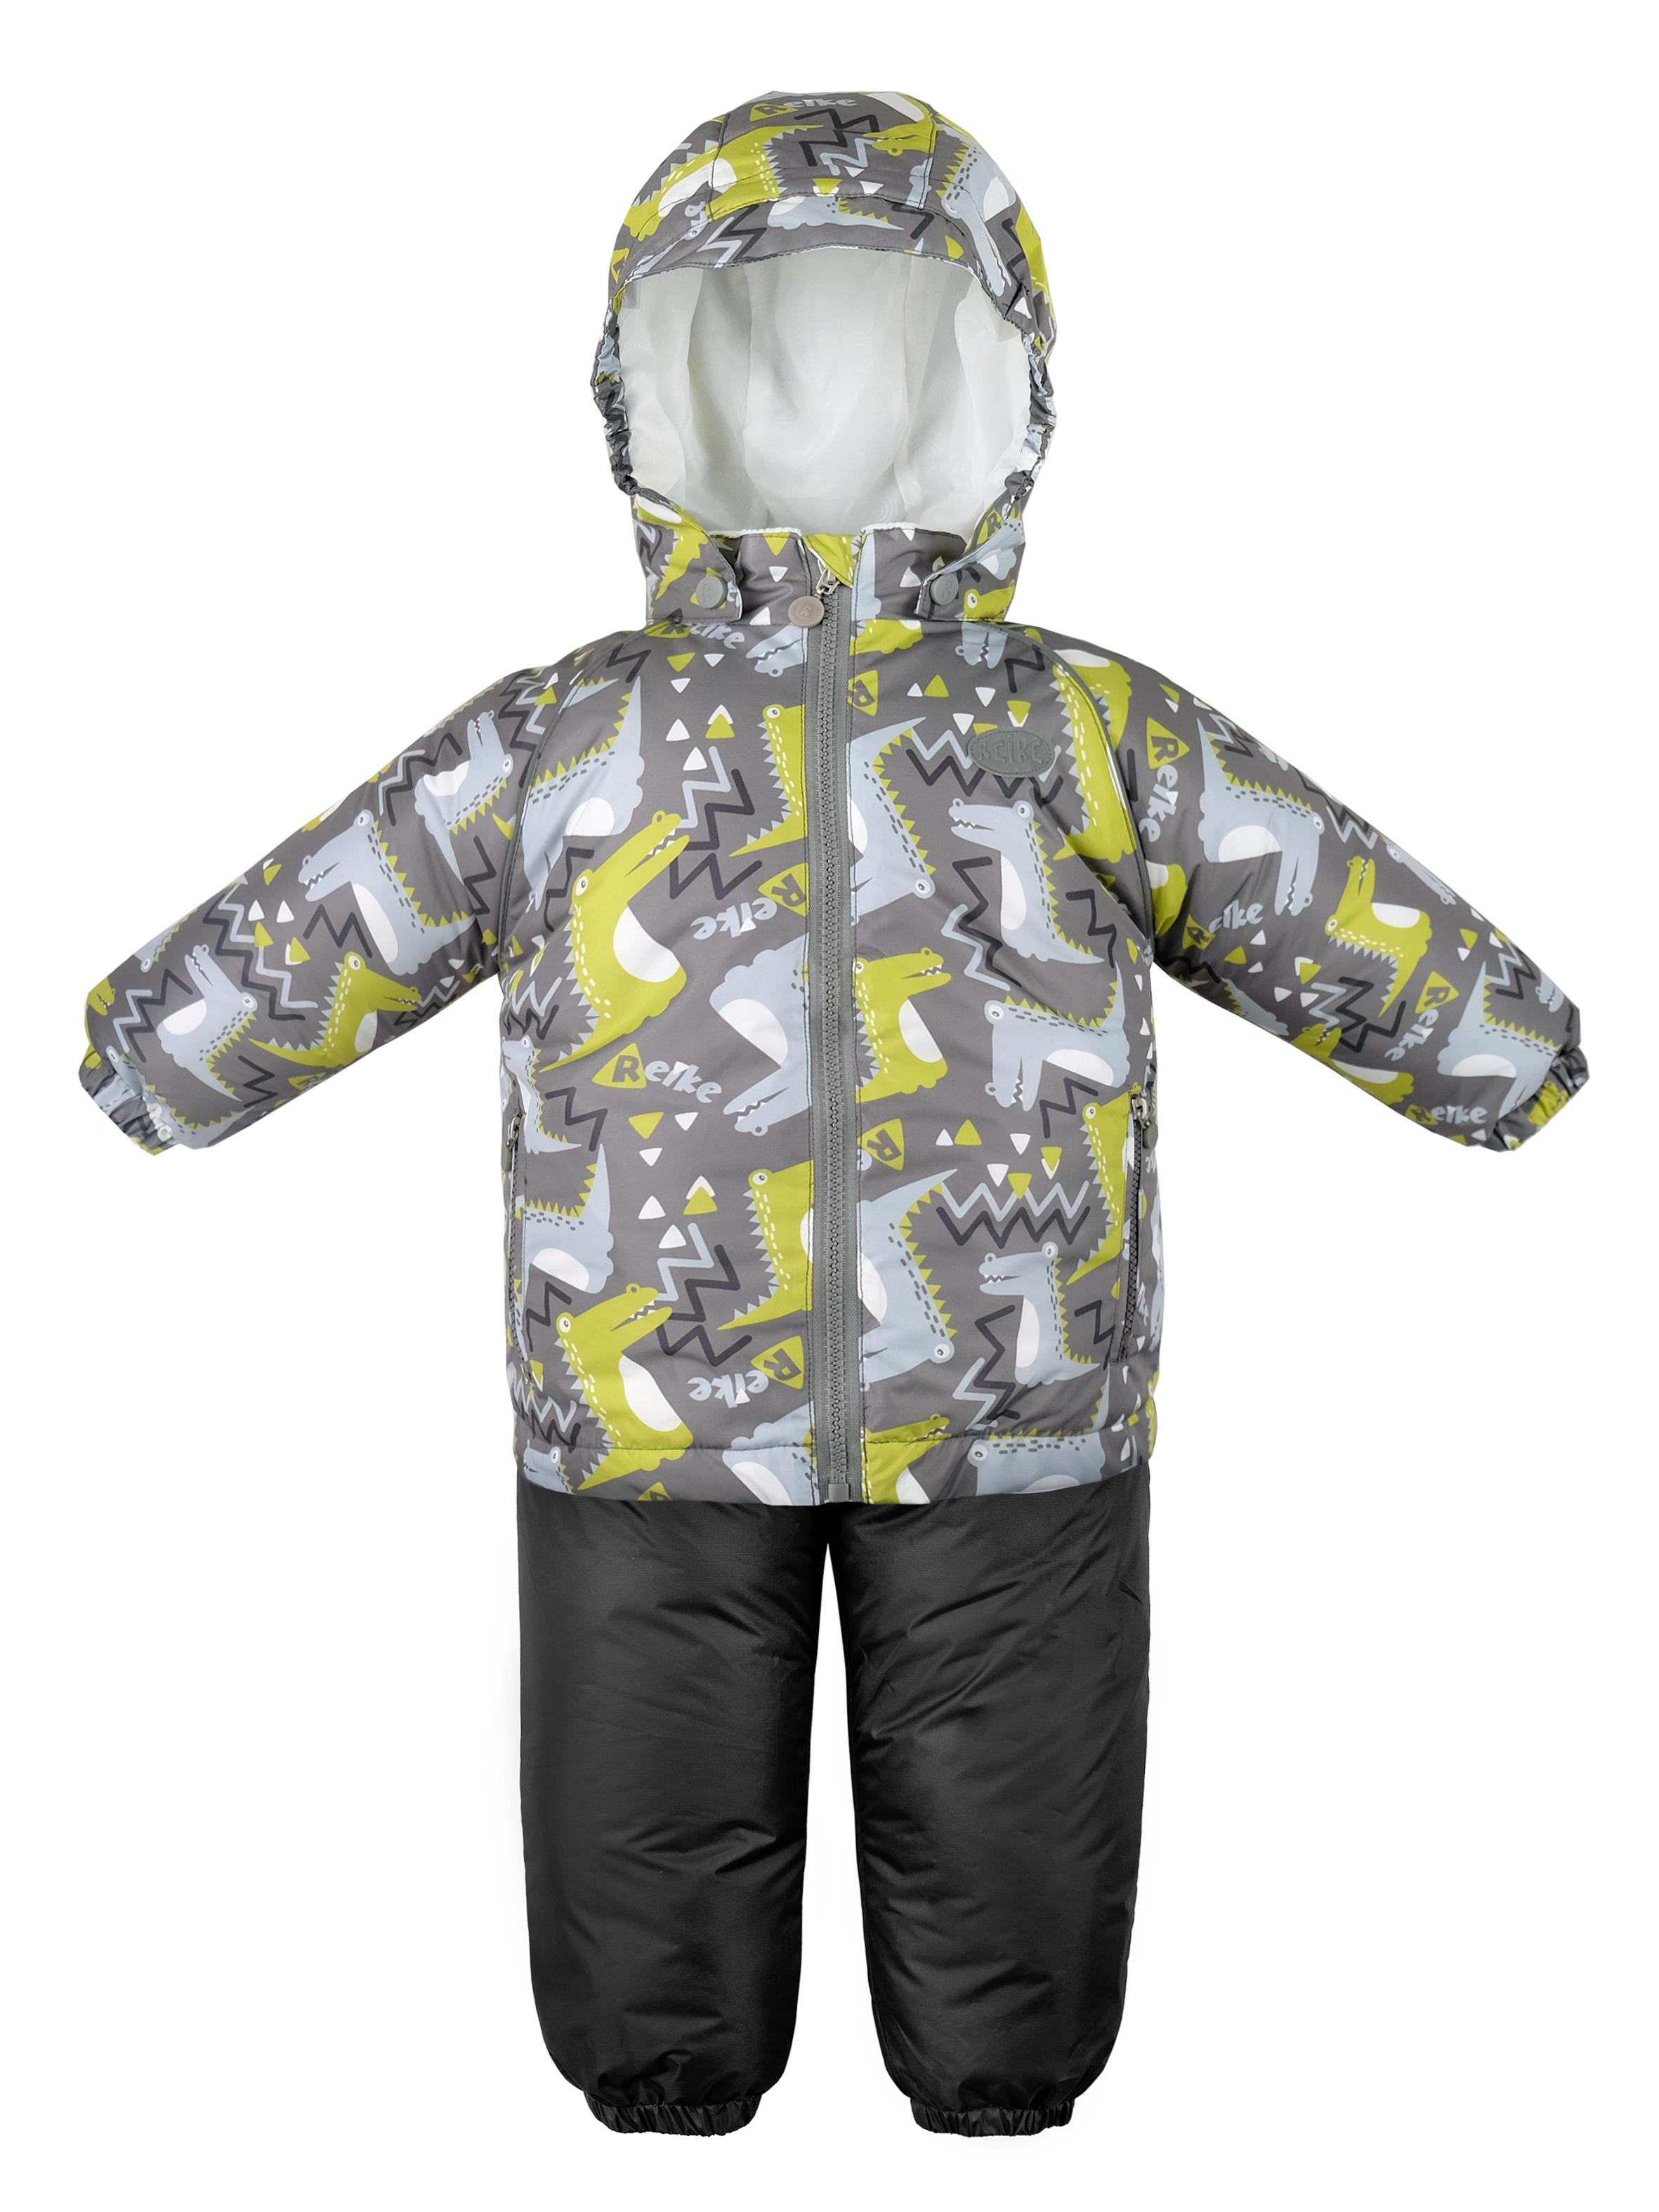 Купить Крокодильчики, Комплект детский Reike Crocodiles grey, размер 98, Комплекты верхней одежды для мальчиков